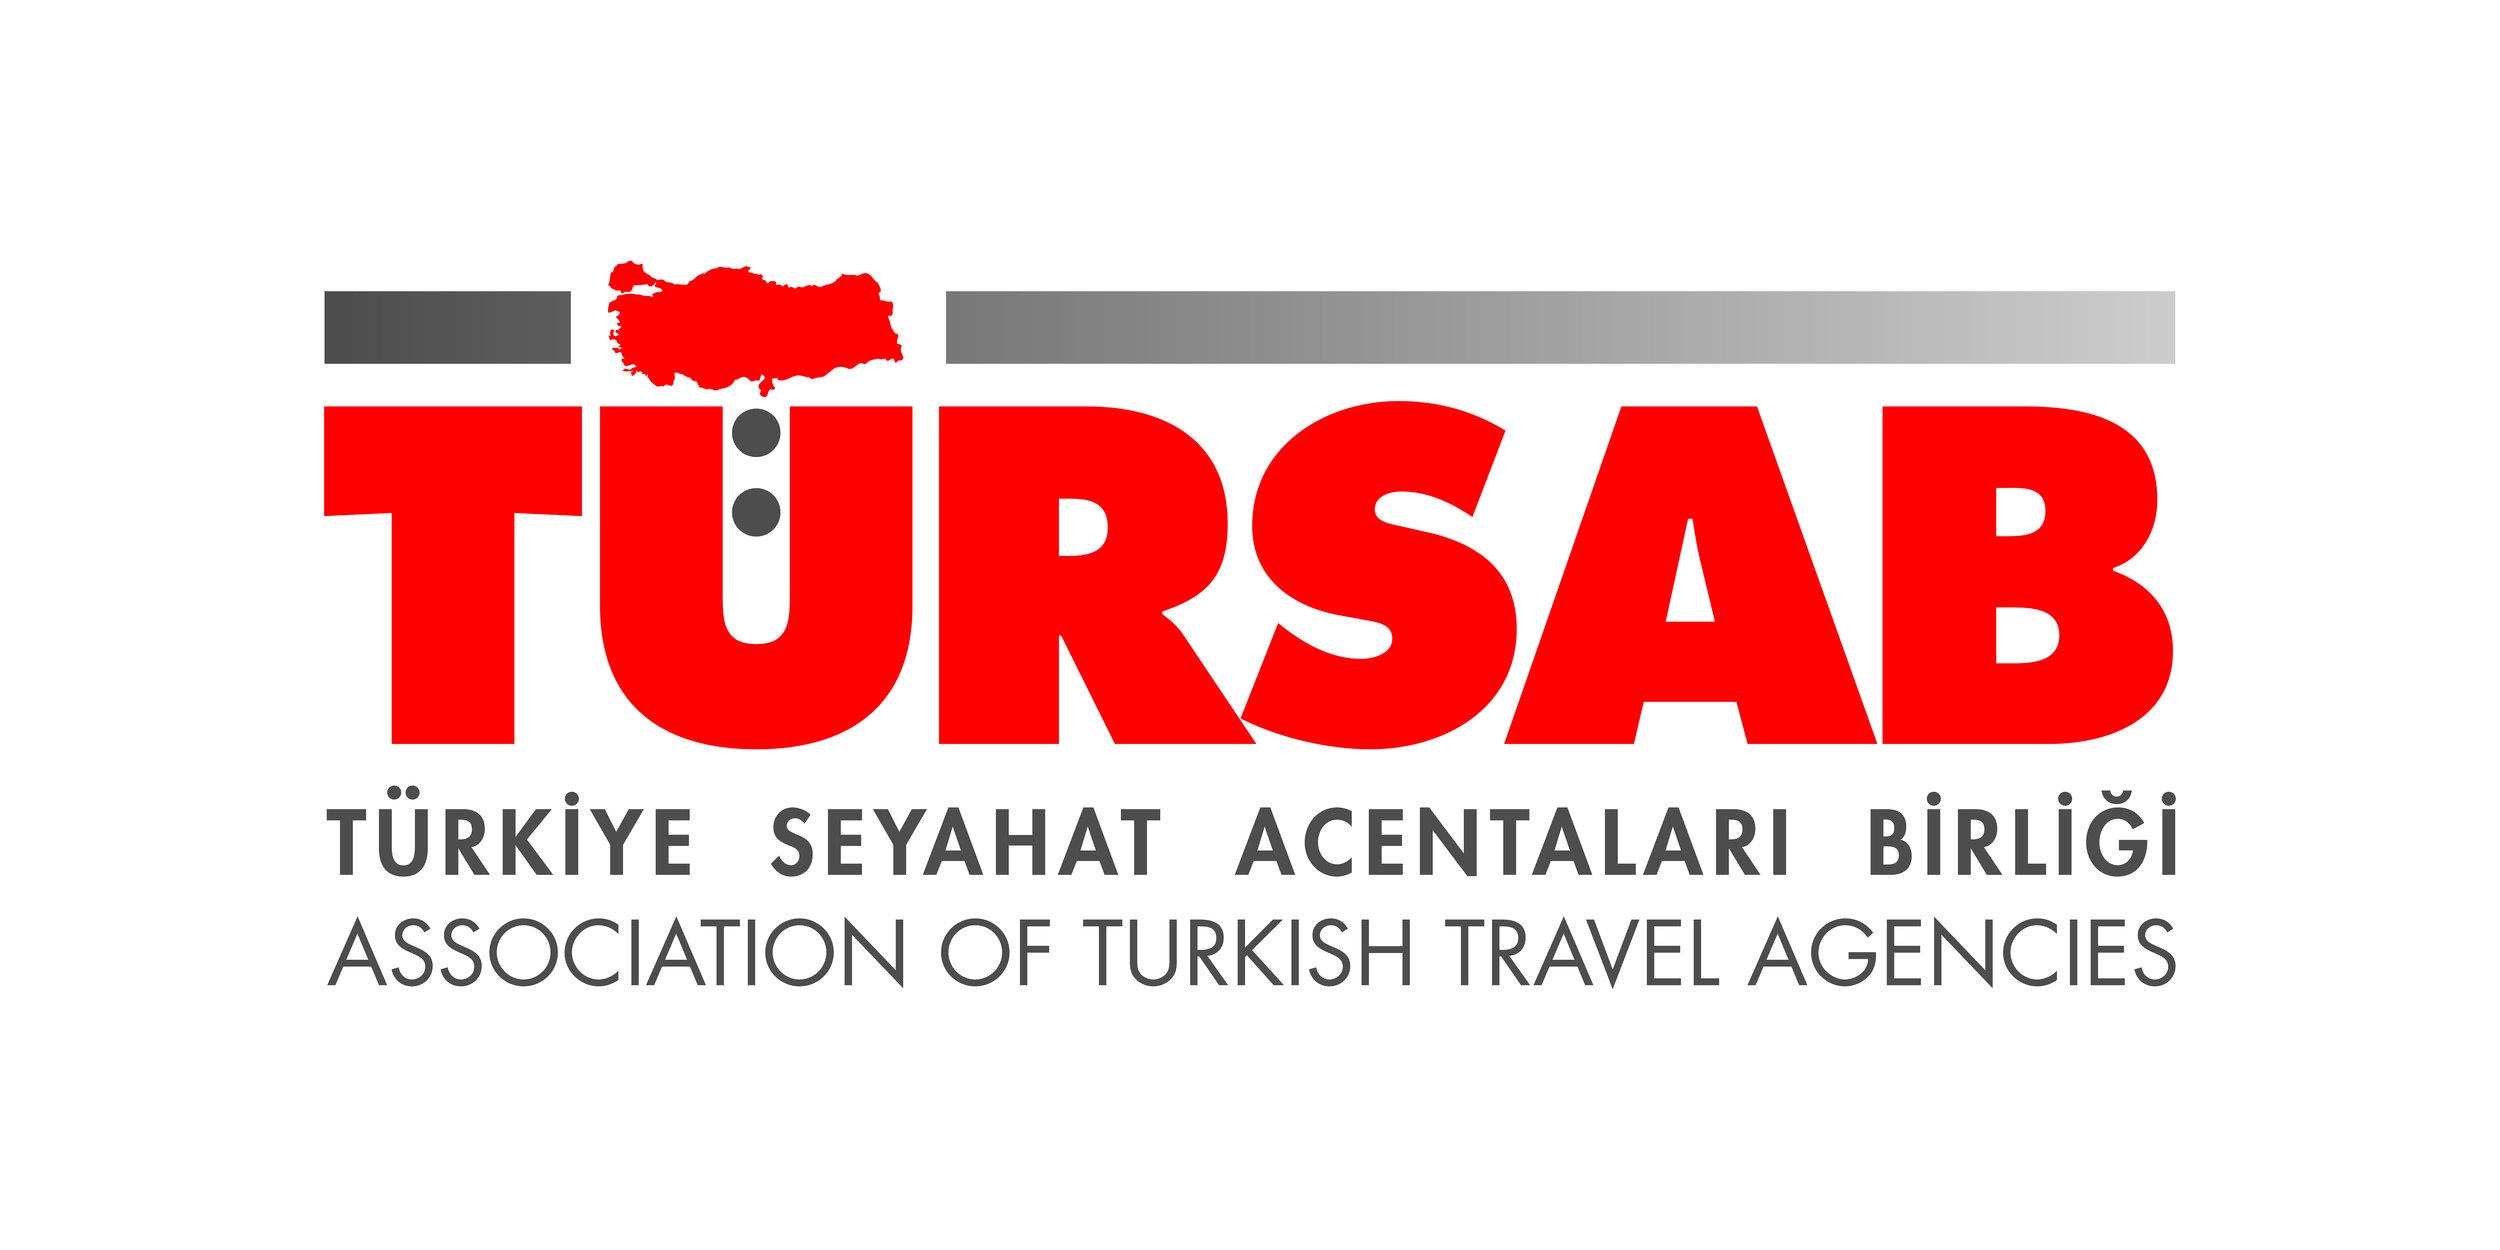 ODS Turkey yetki belge no :2810